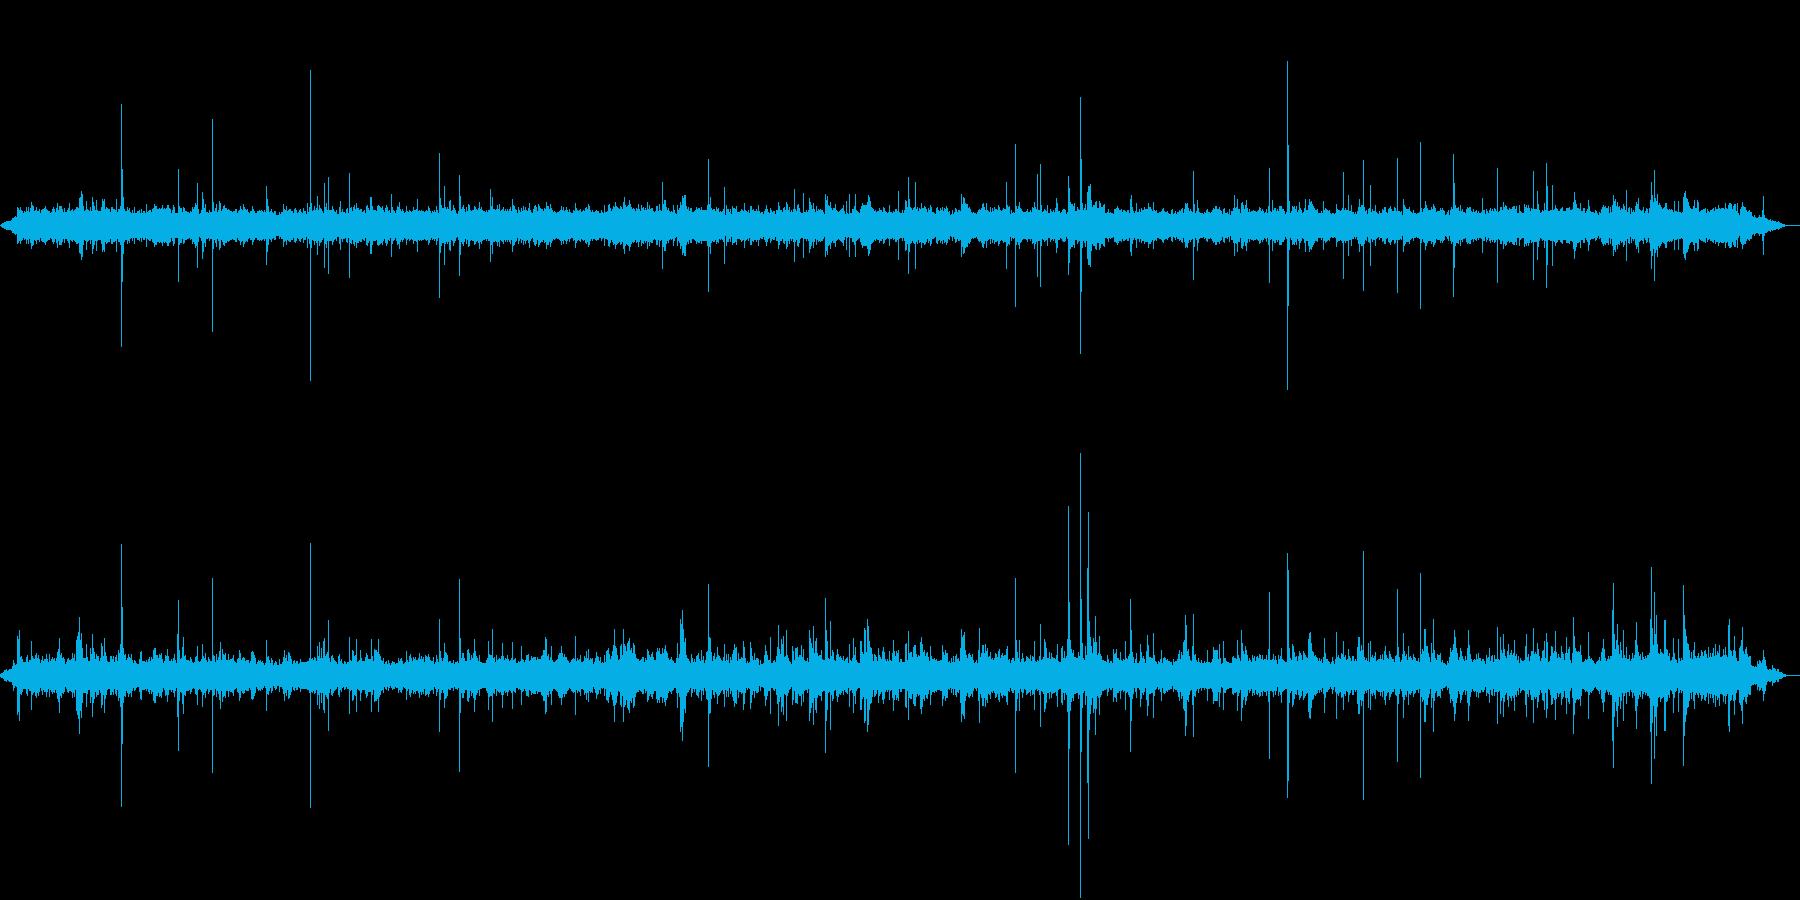 【生録音】軒下で聴く幻想的な雨の音 3の再生済みの波形